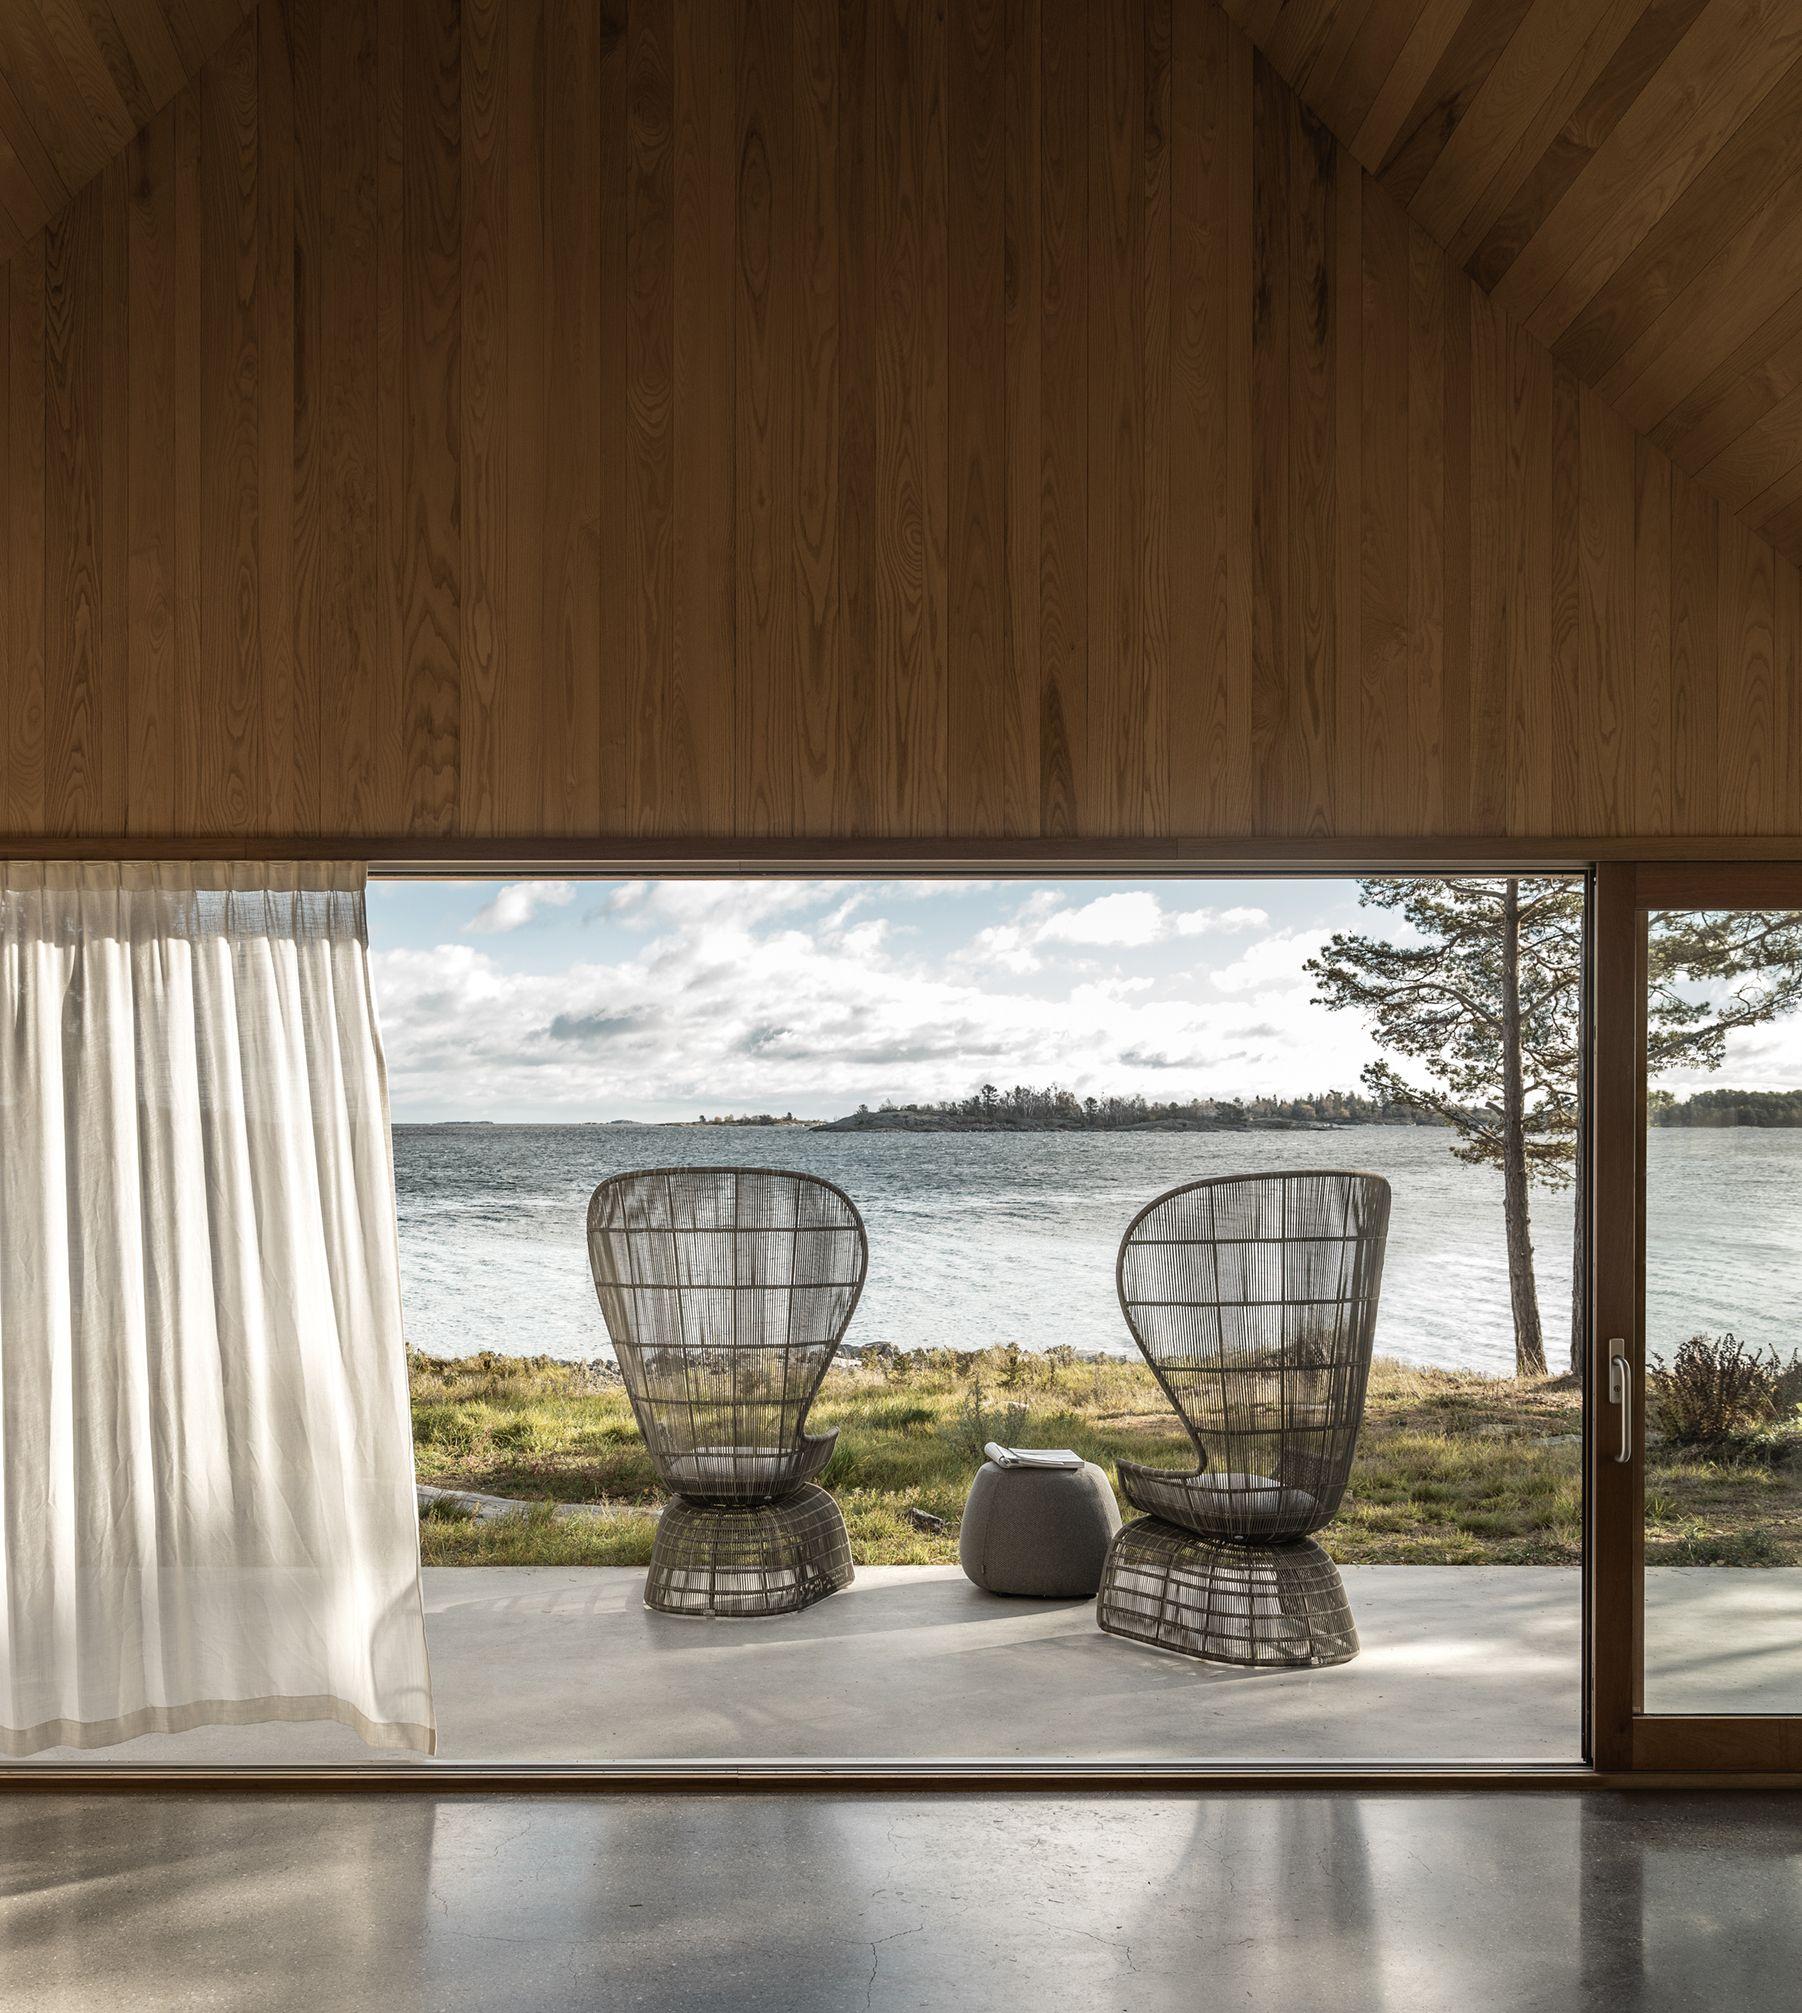 Bebitalia patriciaurquiola antoniocitterio furnituredesign furniture sale luxury furniture contemporary furniture